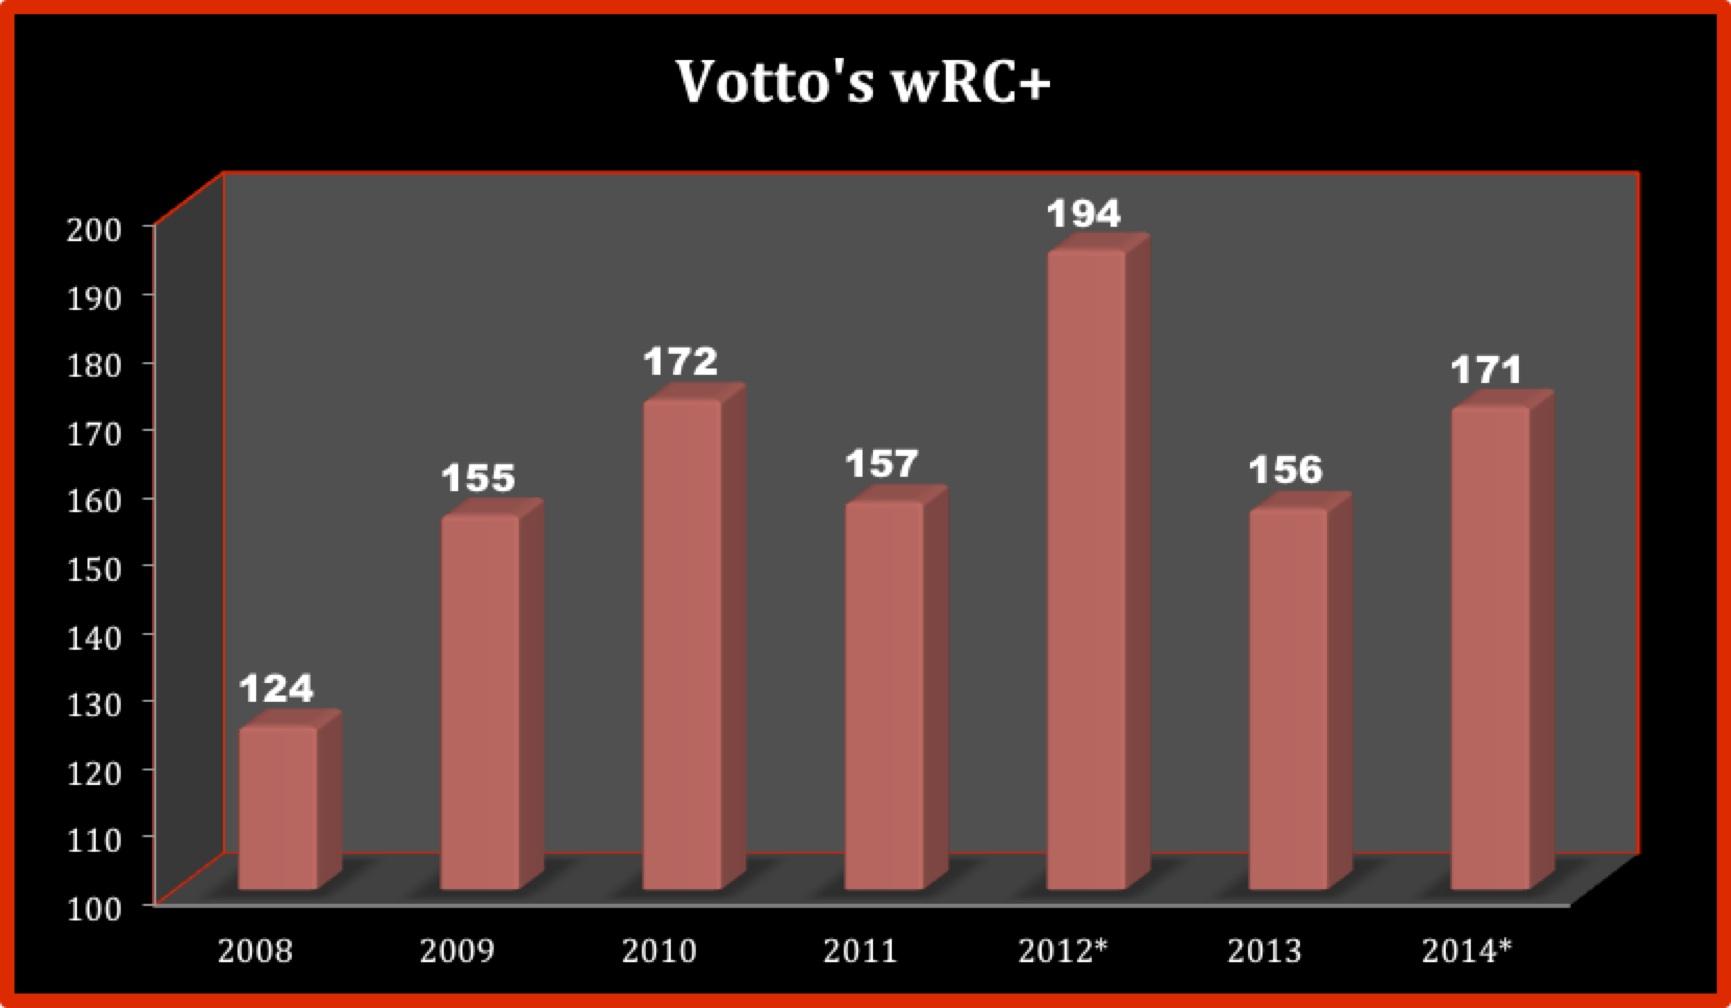 VottoWRC+